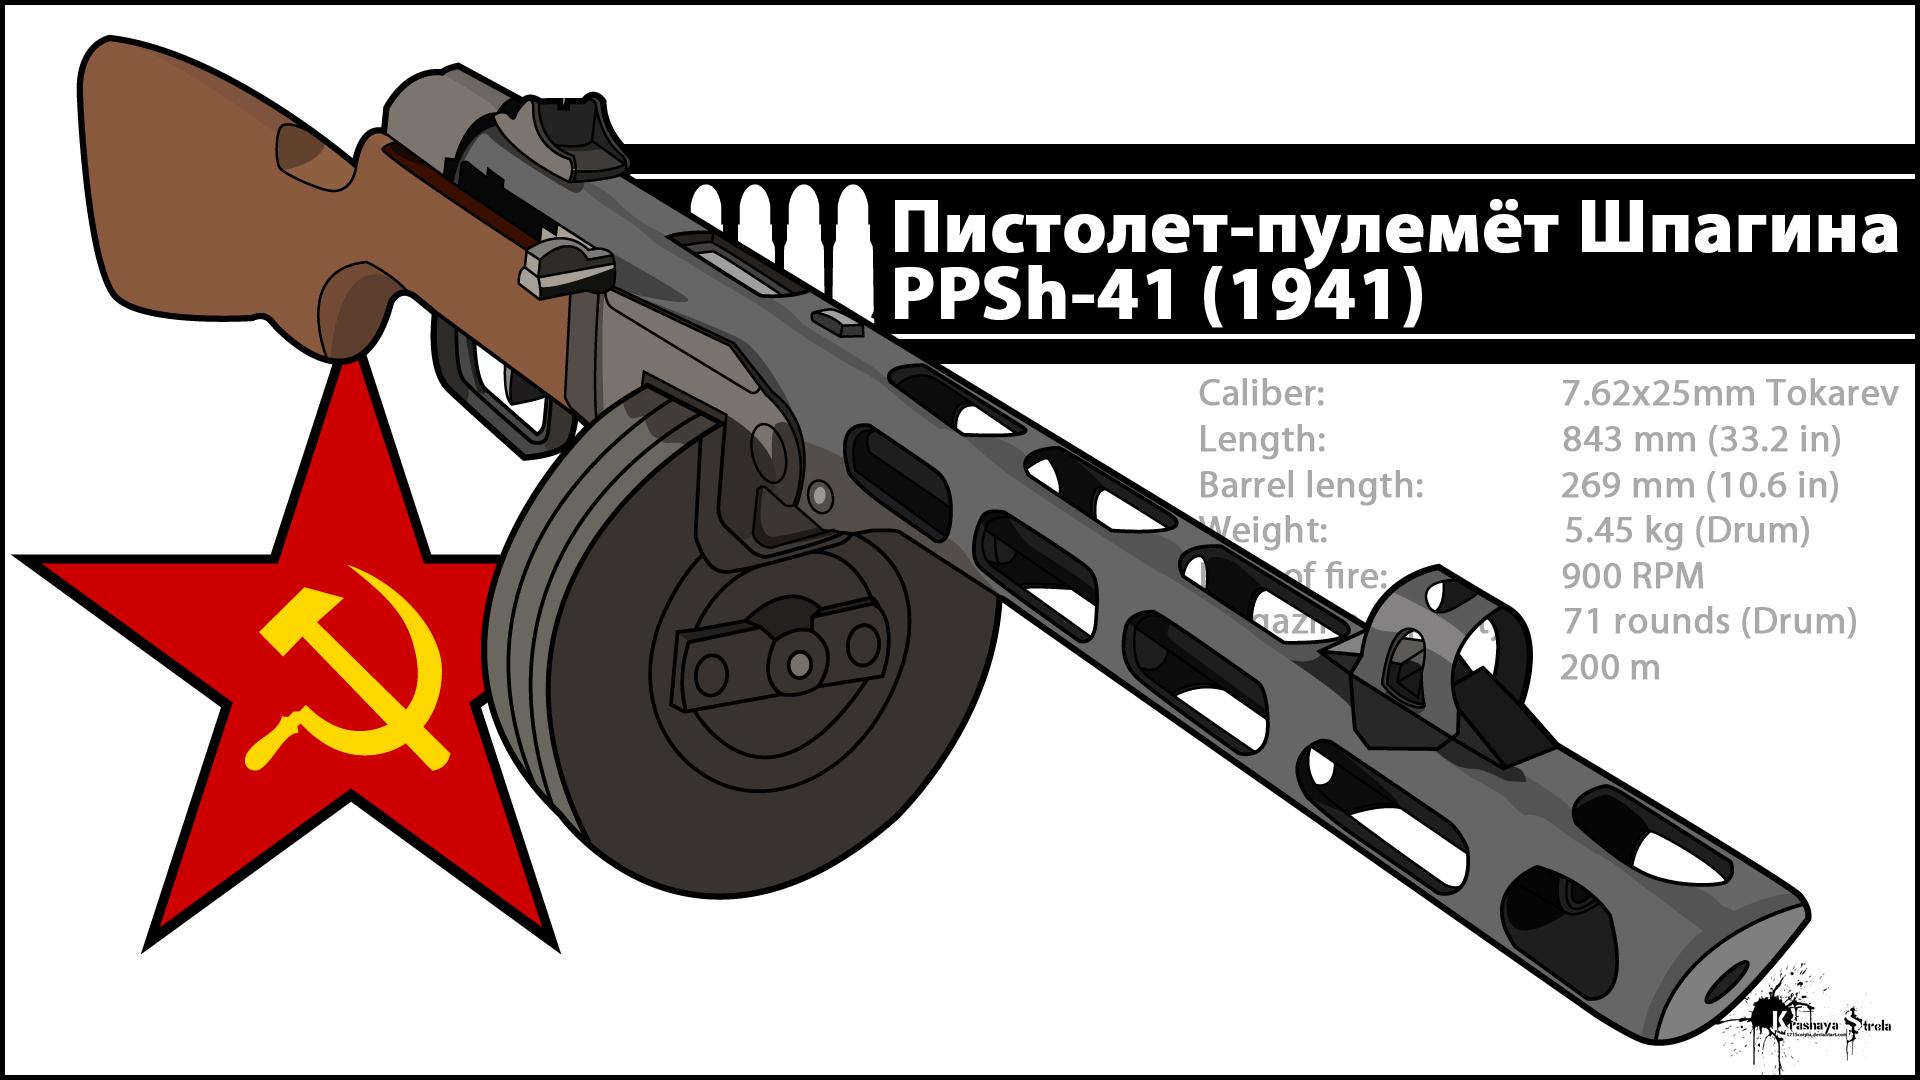 PPSH 41 - El arma que gano la Gran Guerra Patria 146693